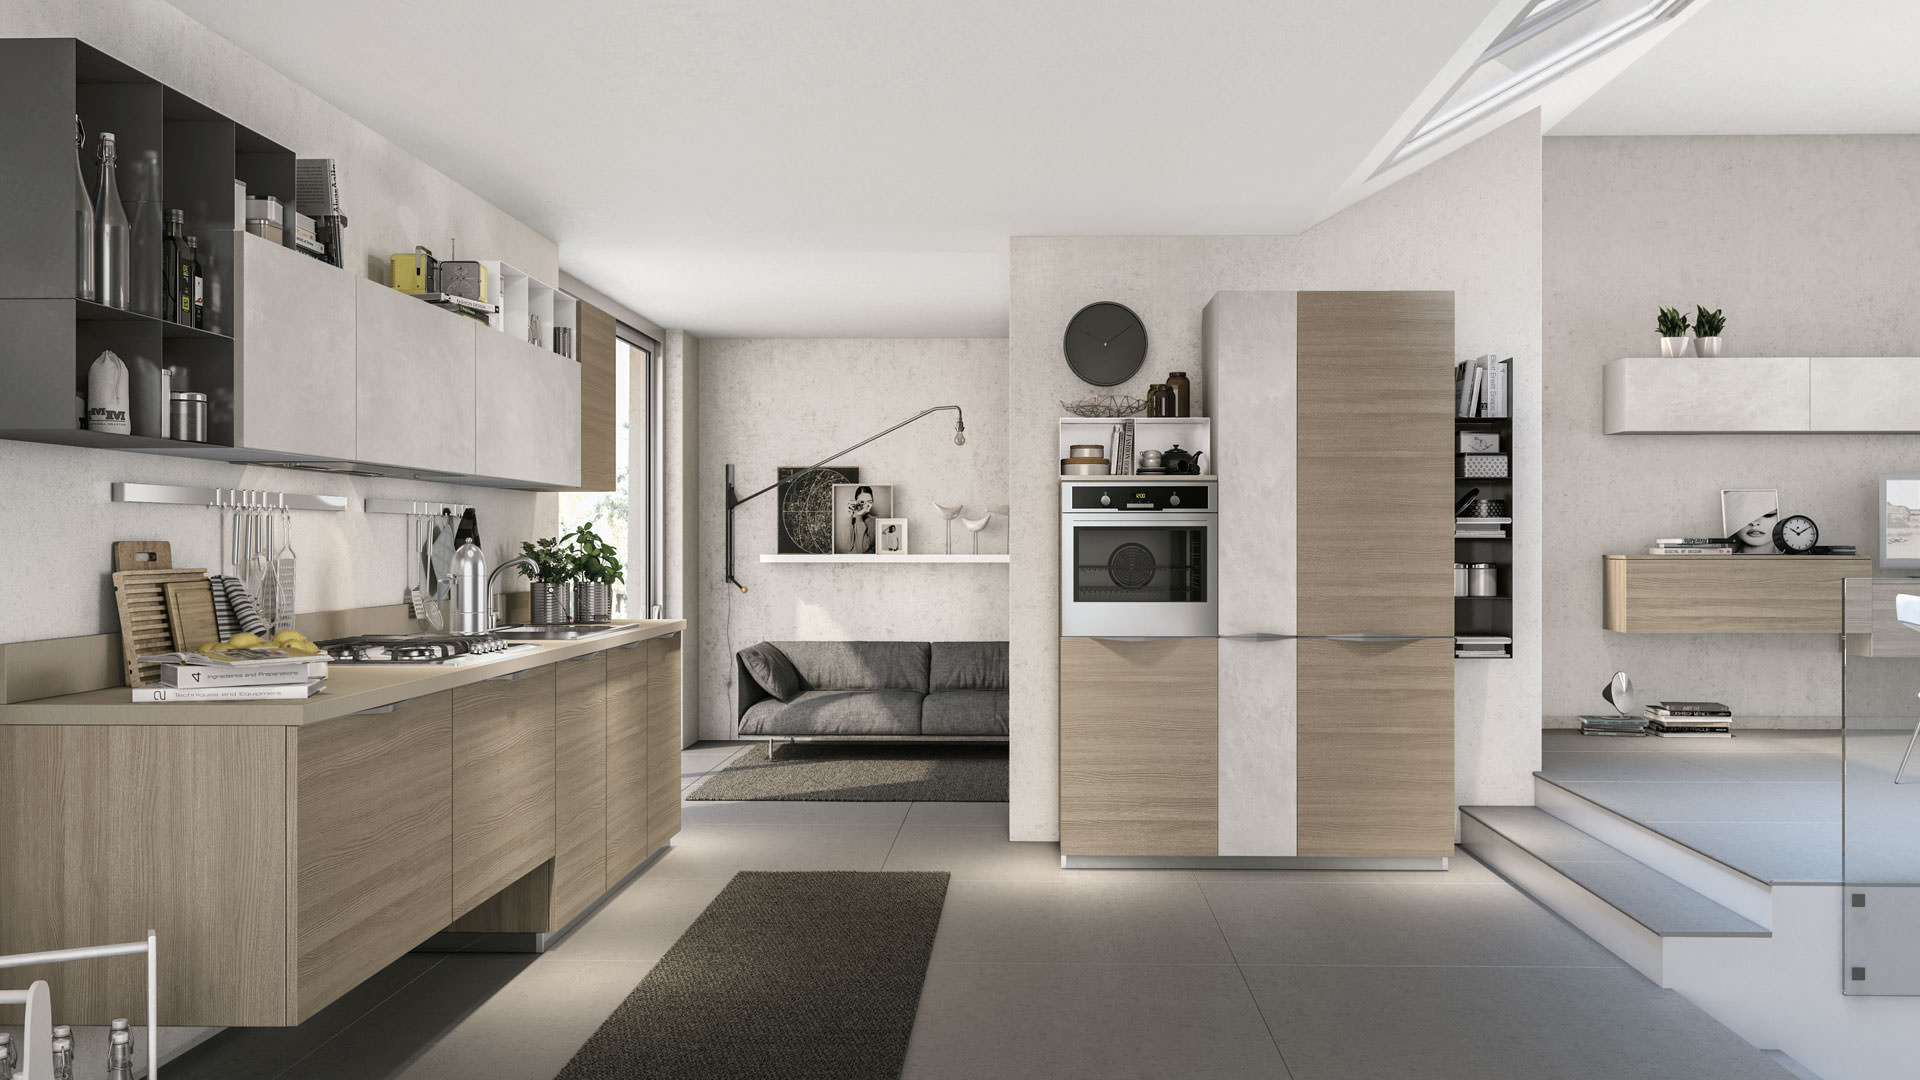 I Colori In Cucina Le Tonalita Da Scegliere In Base Al Vostro Arredamento Rafaschieri Arredamenti